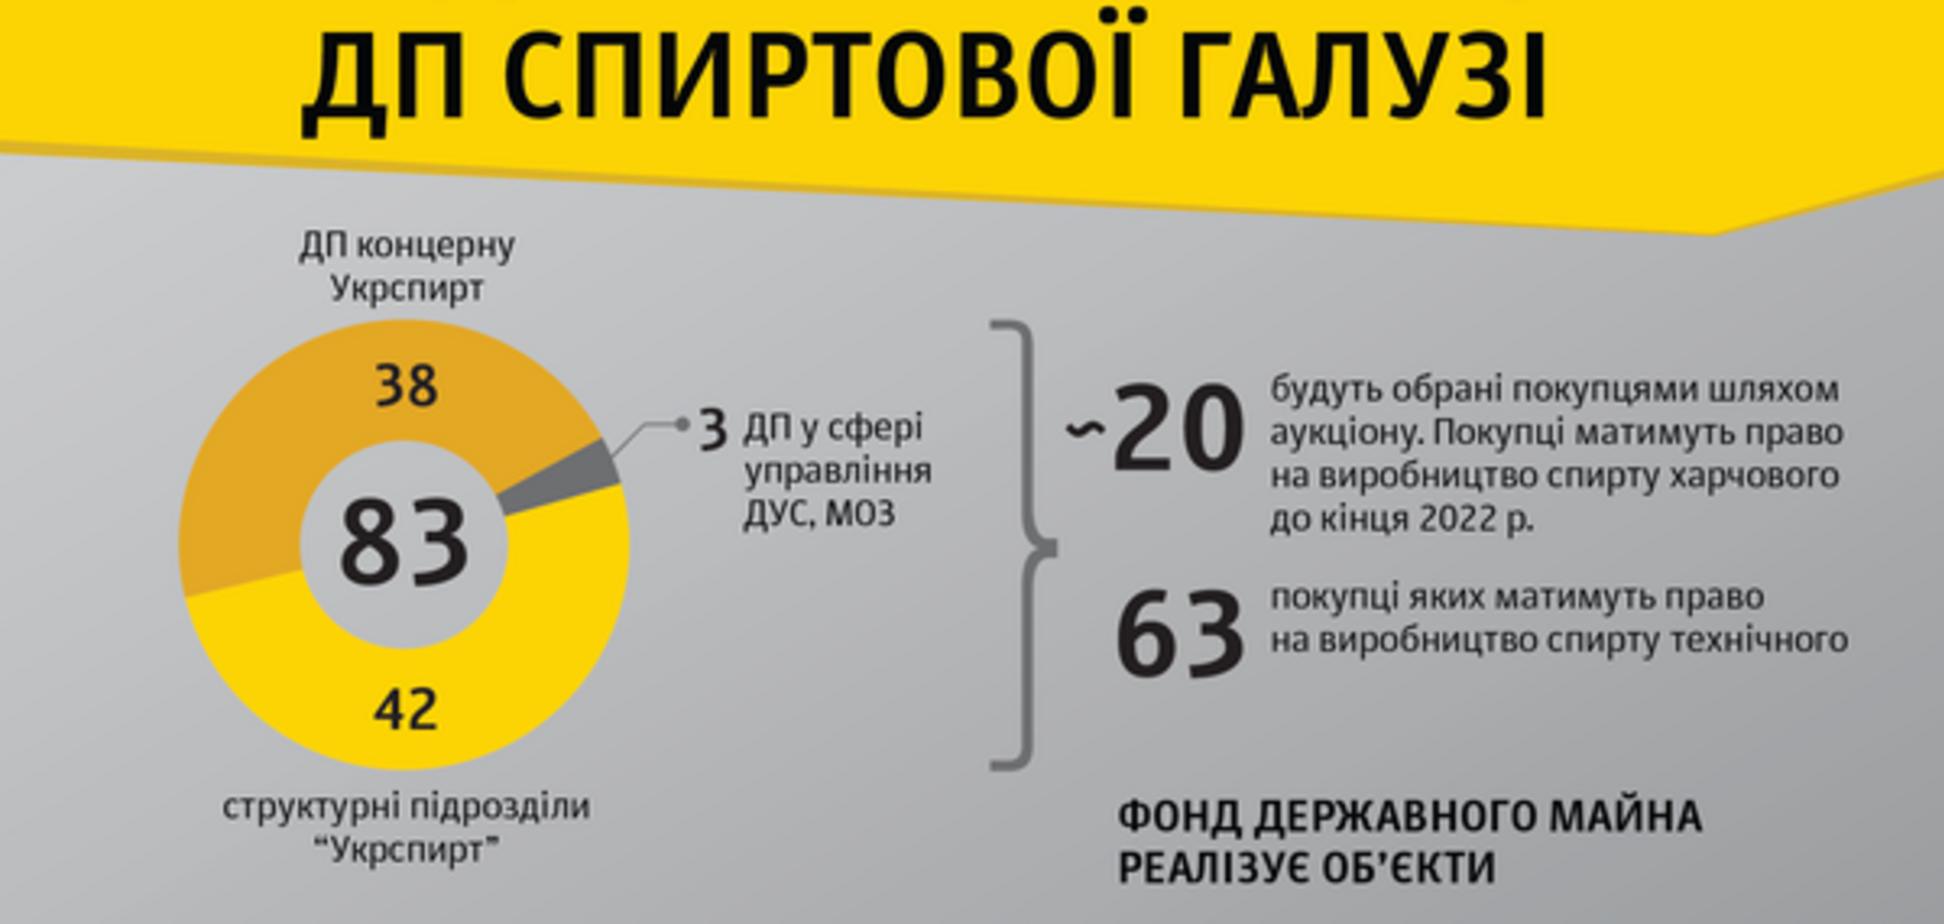 МВФ требует от Украины принятия закона о демонополизации спиртовой отрасли